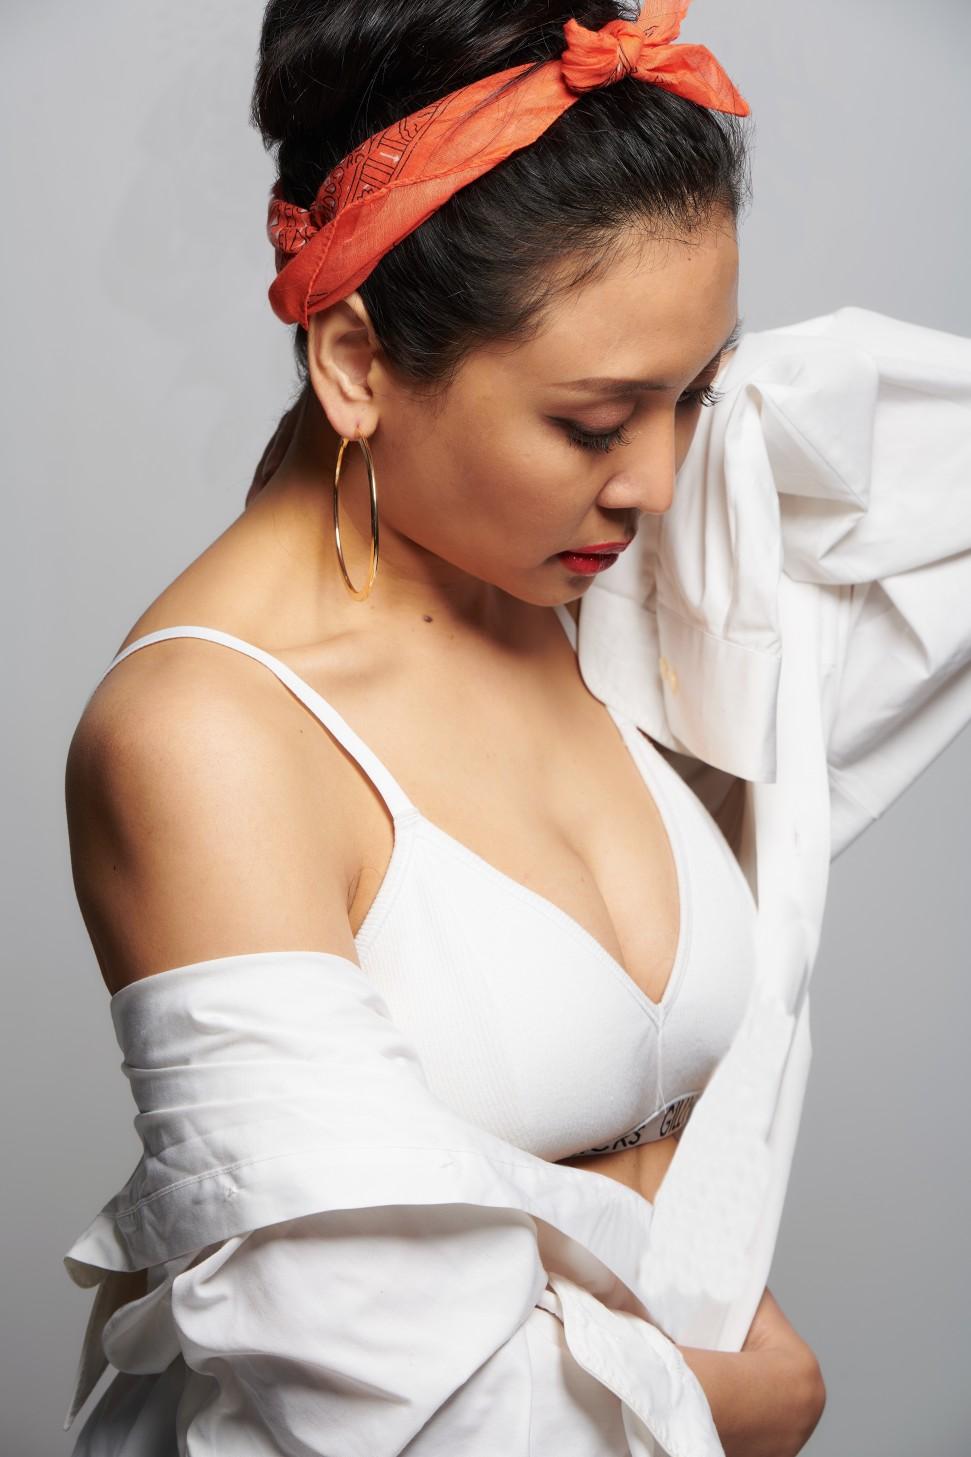 EDM artist Amalia Kadis